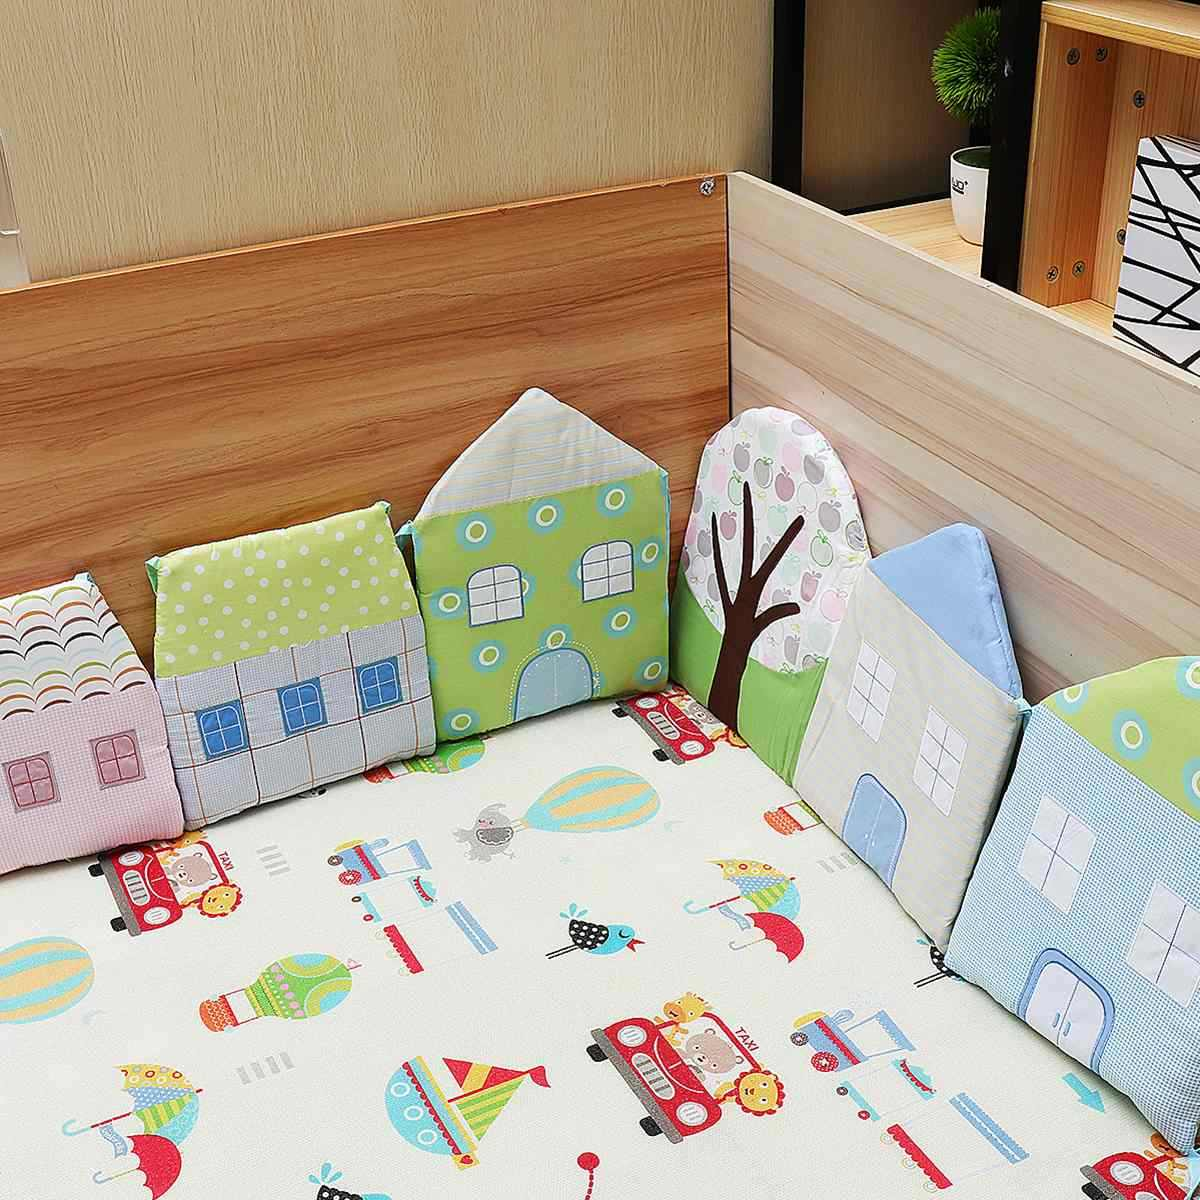 6 pcs תינוק כותנה כרית פגושים Made טופס כריות לעריסה הגנת מיטת תינוק מצעים כהה כוכבים יילוד תינוק מיטה מצעים